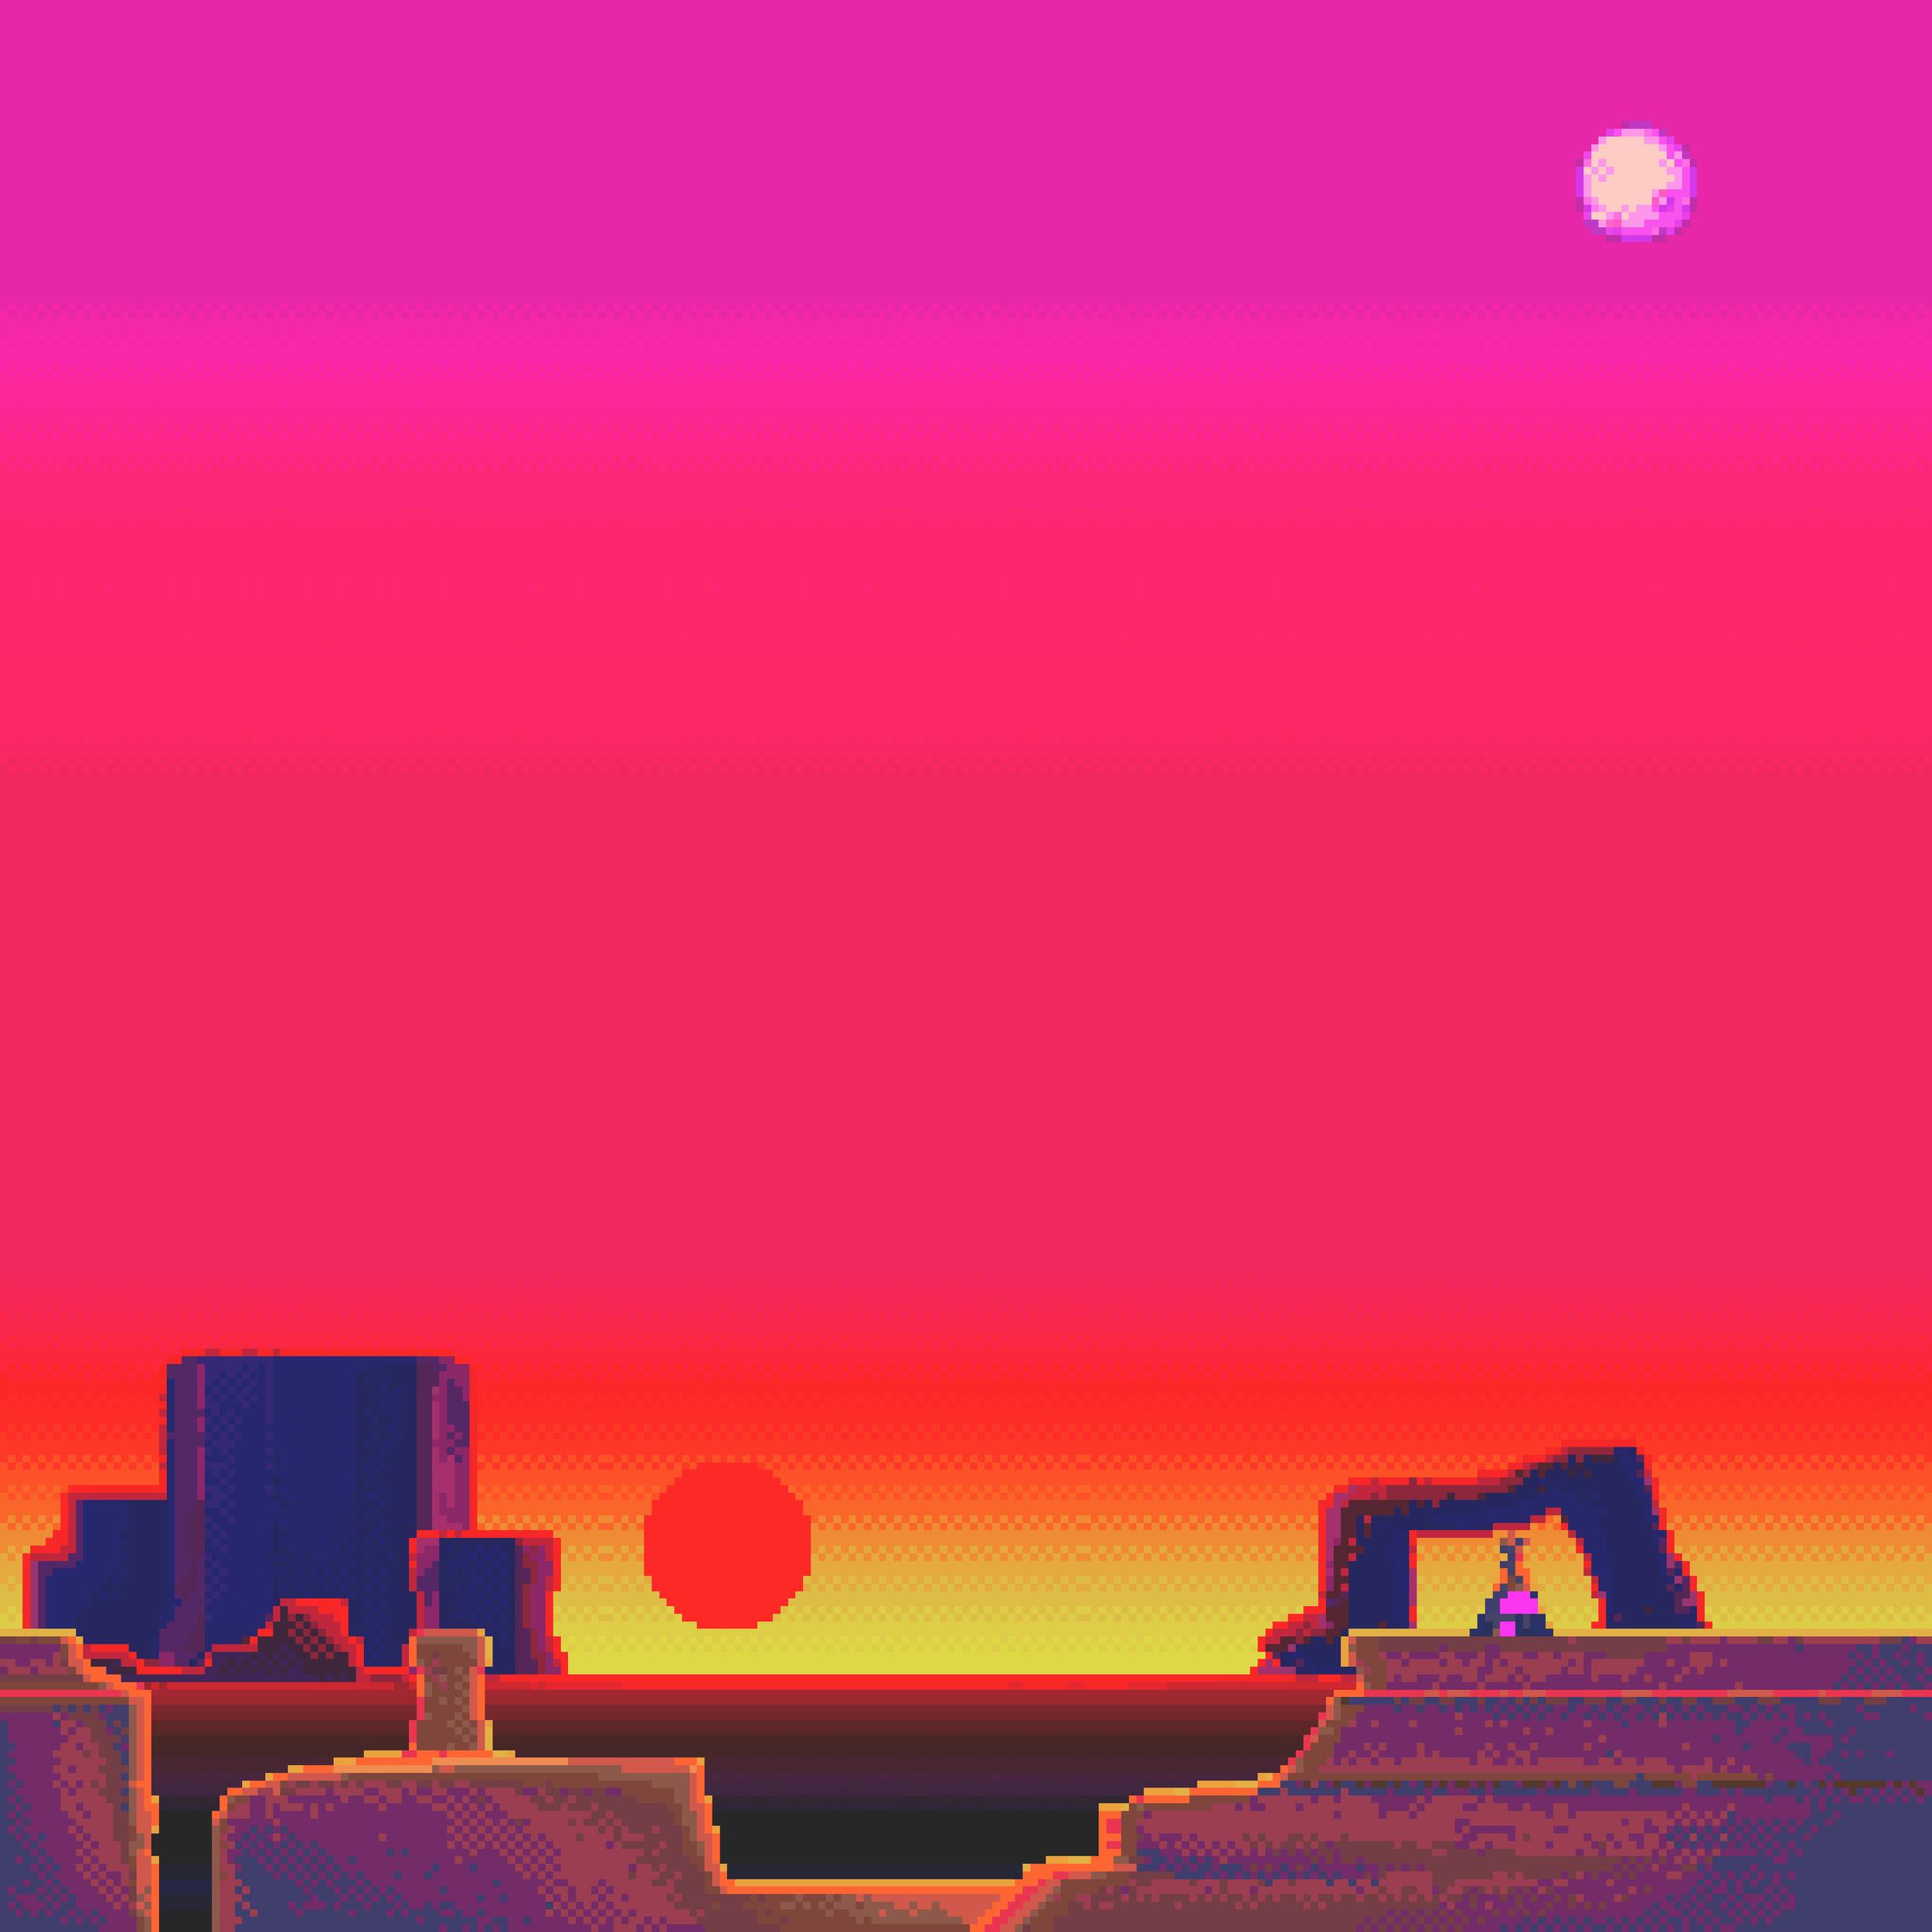 pixel-art-desert-sunset.png